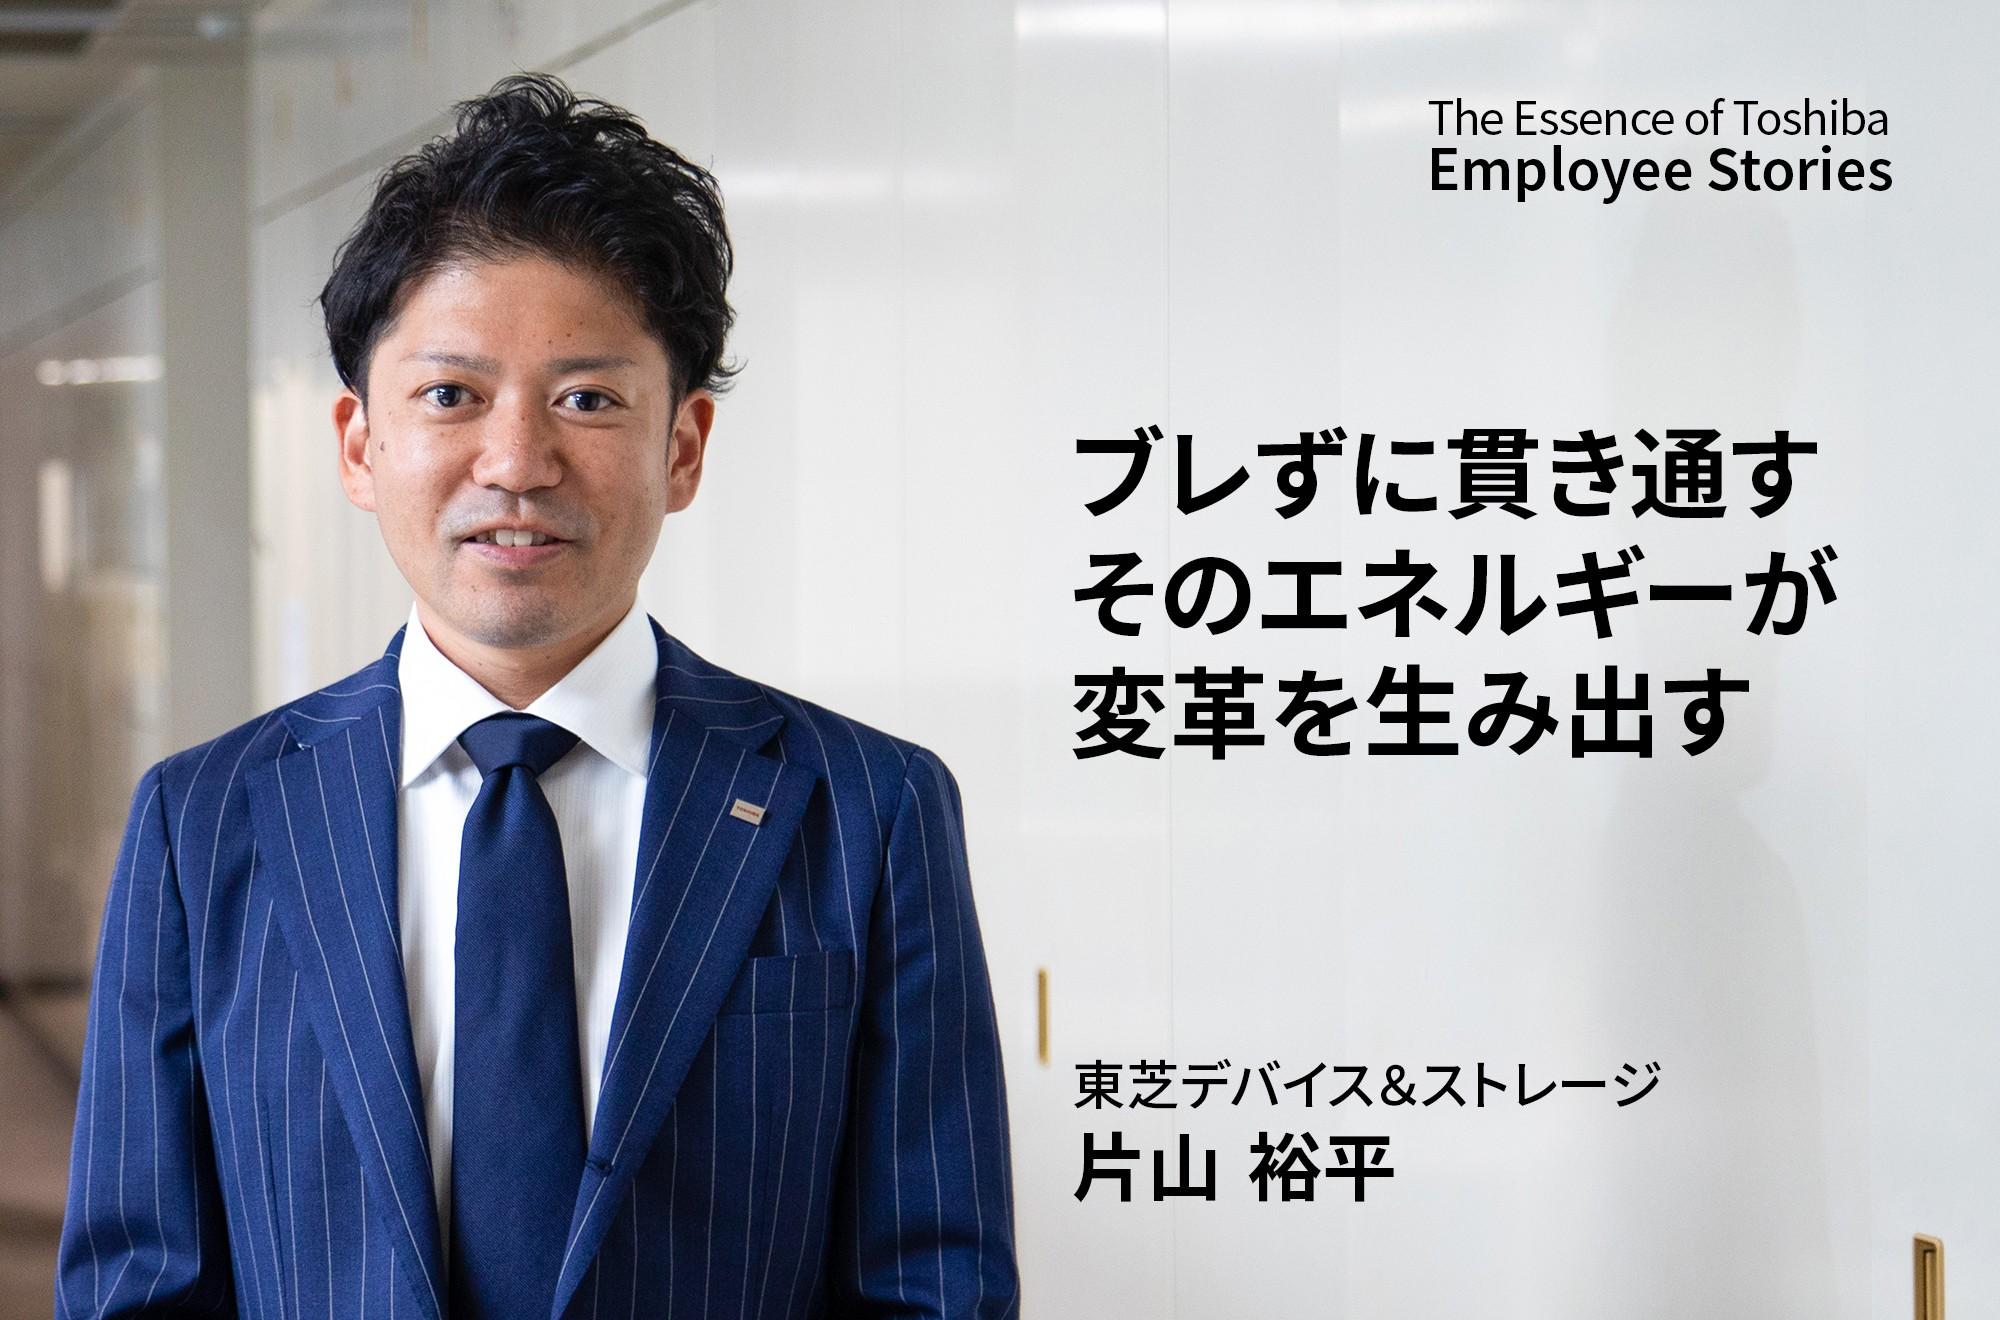 ブレずに貫き通す。 そのエネルギーが変革を生み出す~理念ストーリー We are Toshiba~